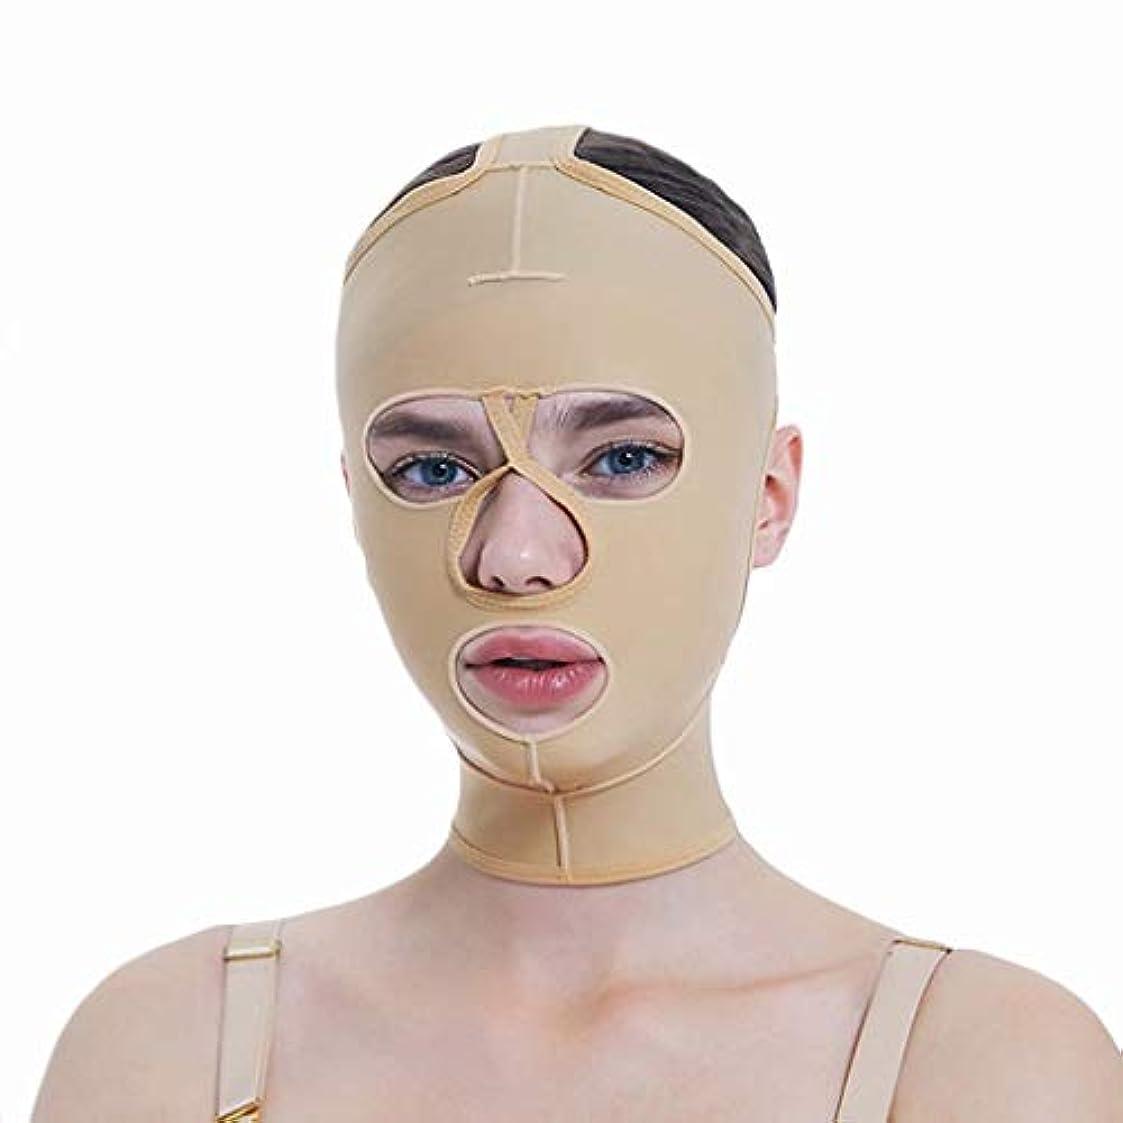 投獄眠いですワームフェイシャル減量マスク、フルカバレッジ包帯、フルフェイスリフティングマスク、フェイスマスク、快適で リフティングシェーピング(サイズ:S),ザ?